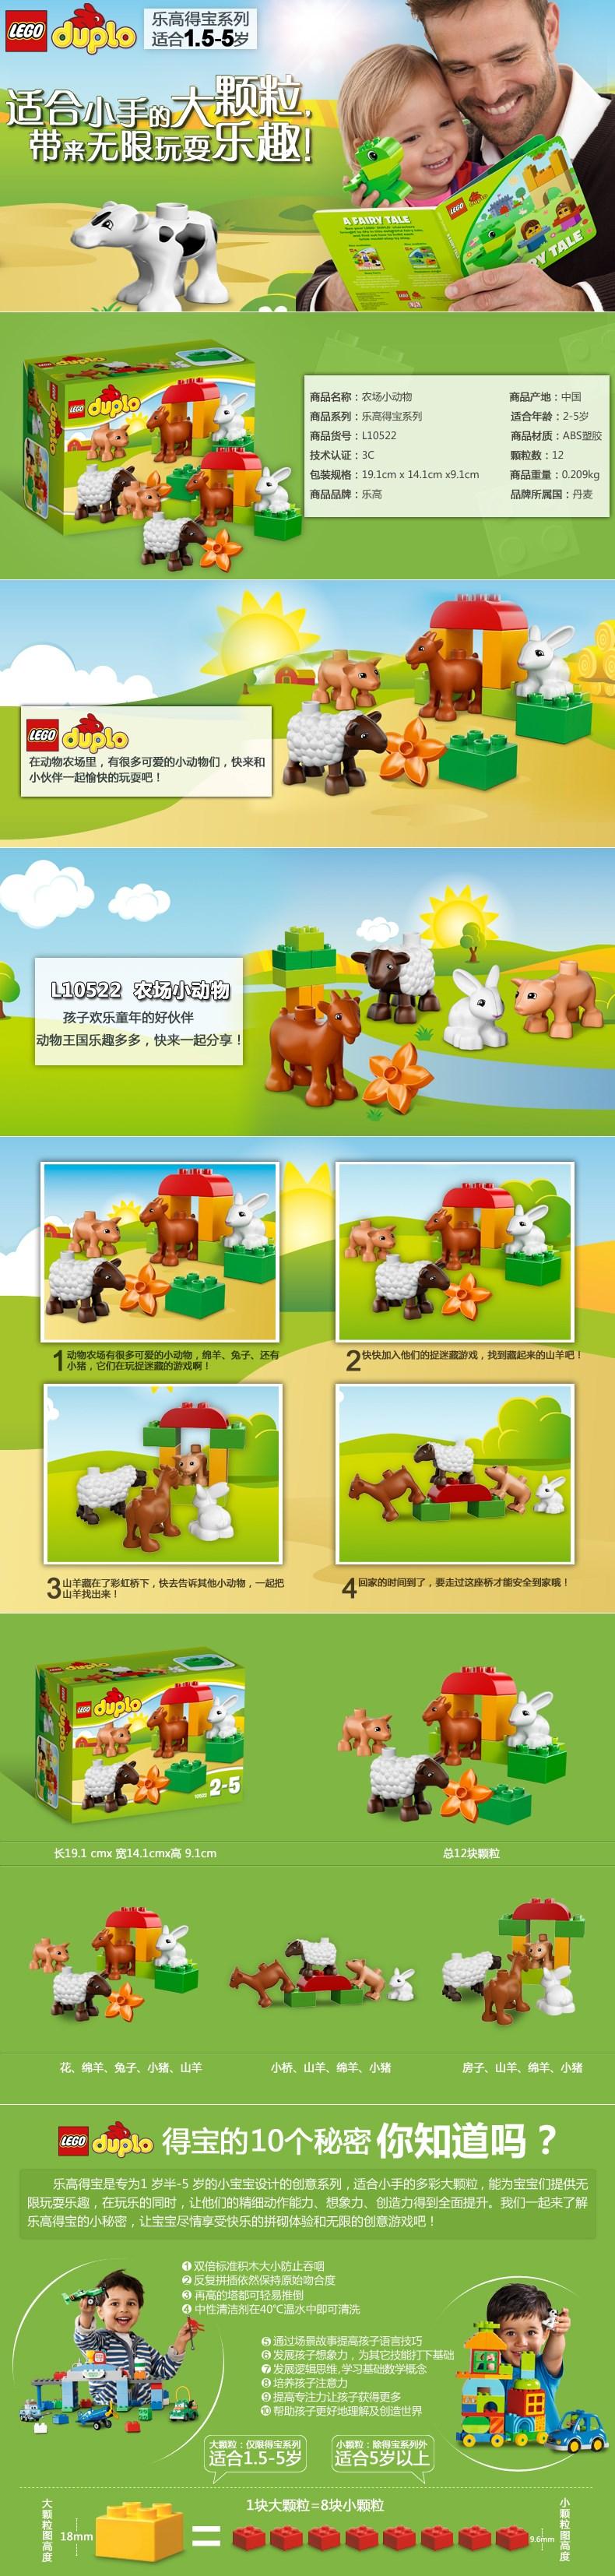 lego 乐高 得宝主题拼砌系列 农场小动物 10522